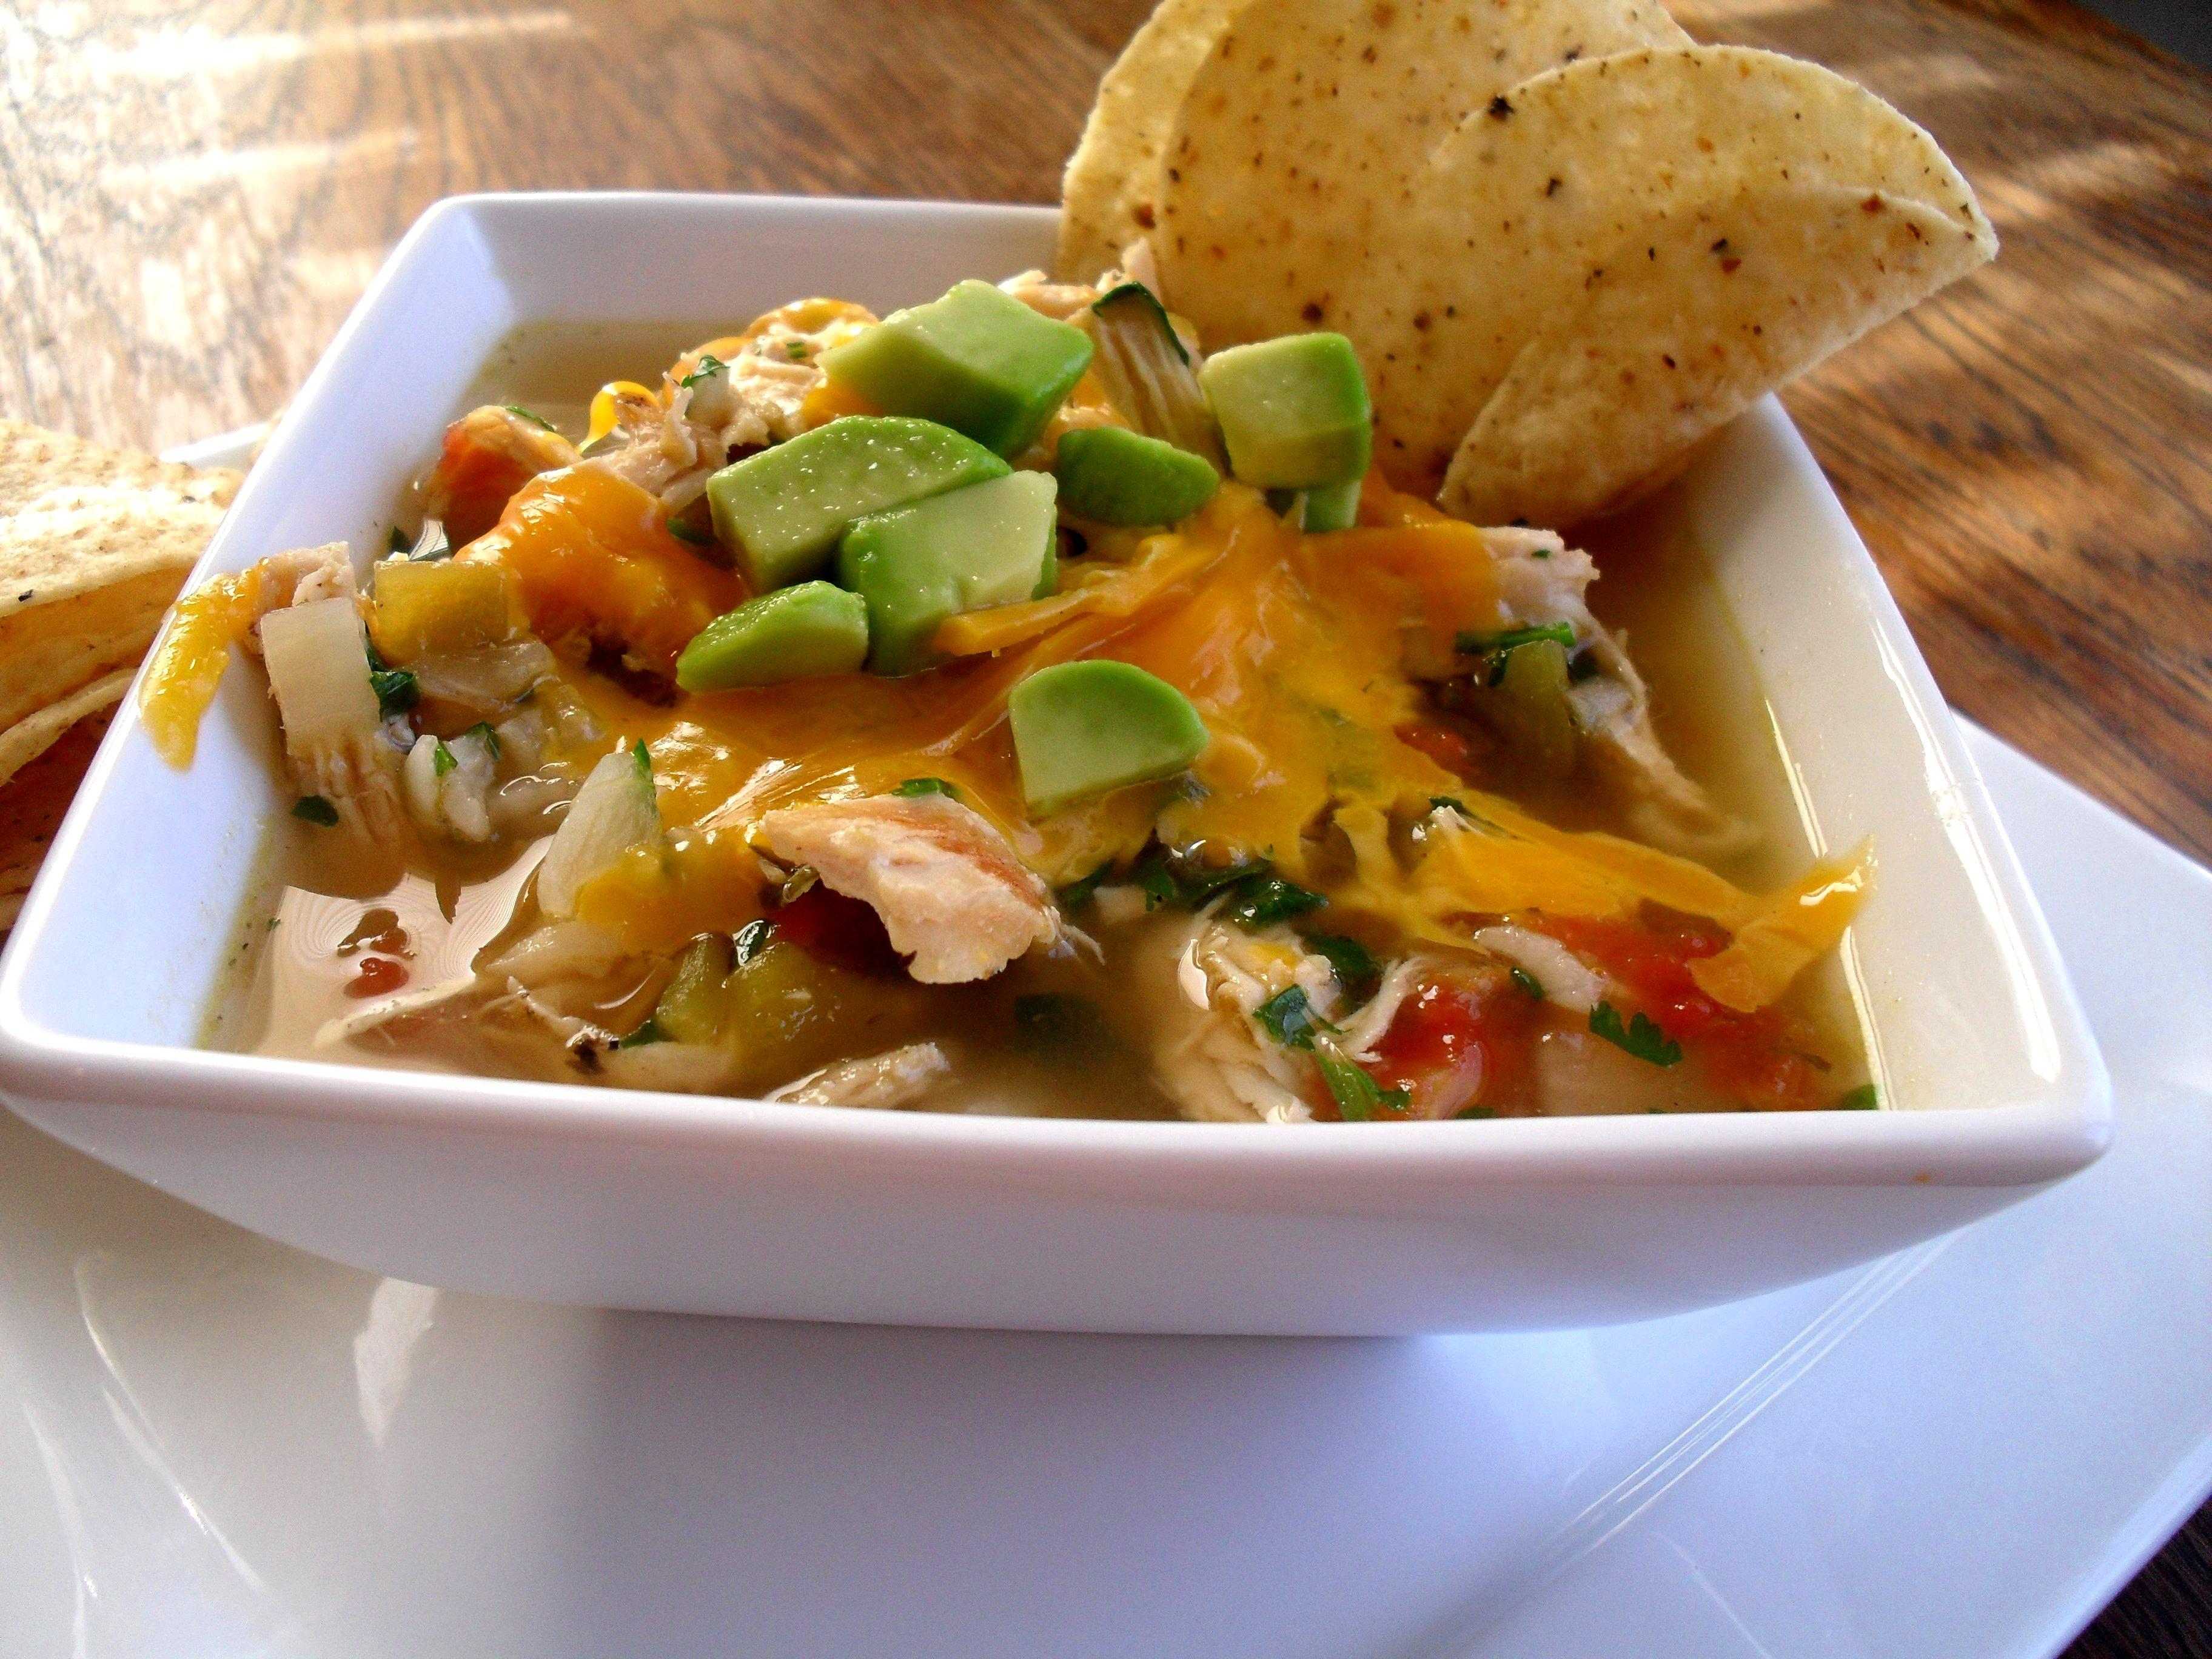 Green Chili Chicken and Lime Soup | Veronica's Cornucopia